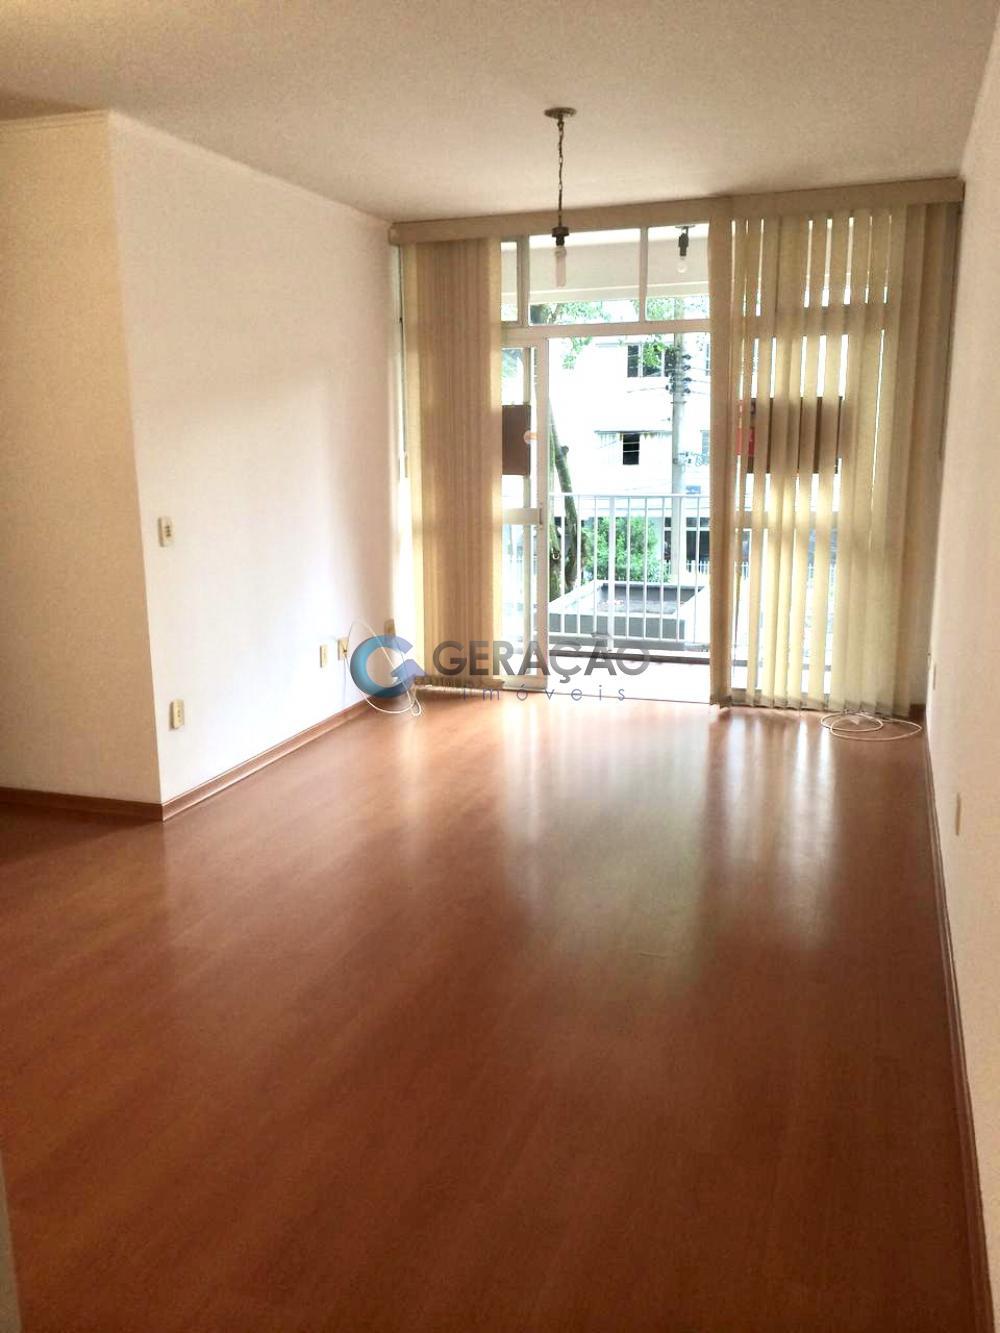 Alugar Apartamento / Padrão em São José dos Campos R$ 1.550,00 - Foto 3